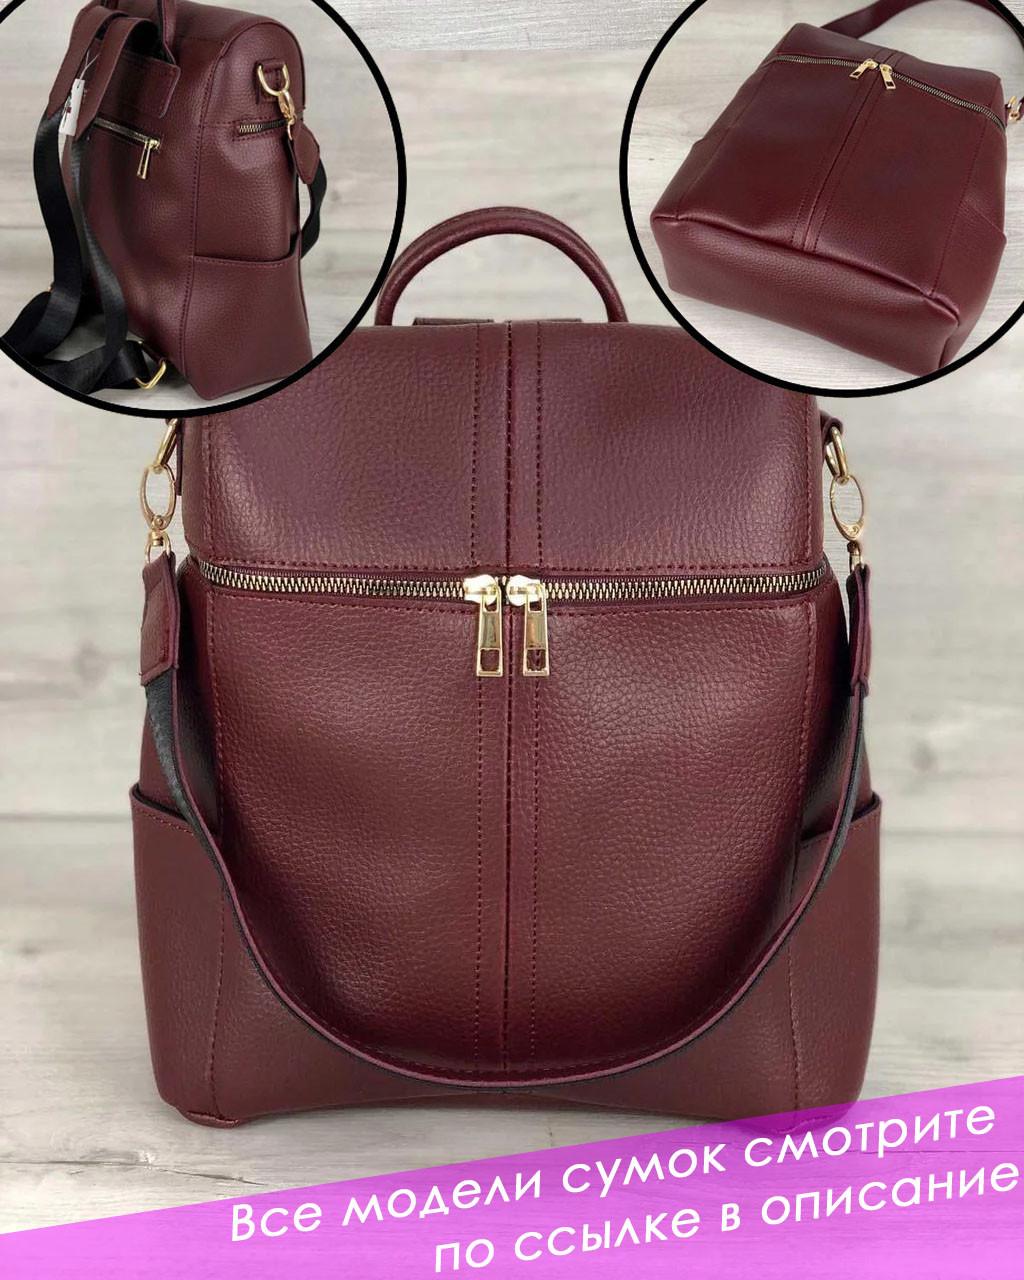 Рюкзак женский стильный «Фроги» бордовый из экокожи